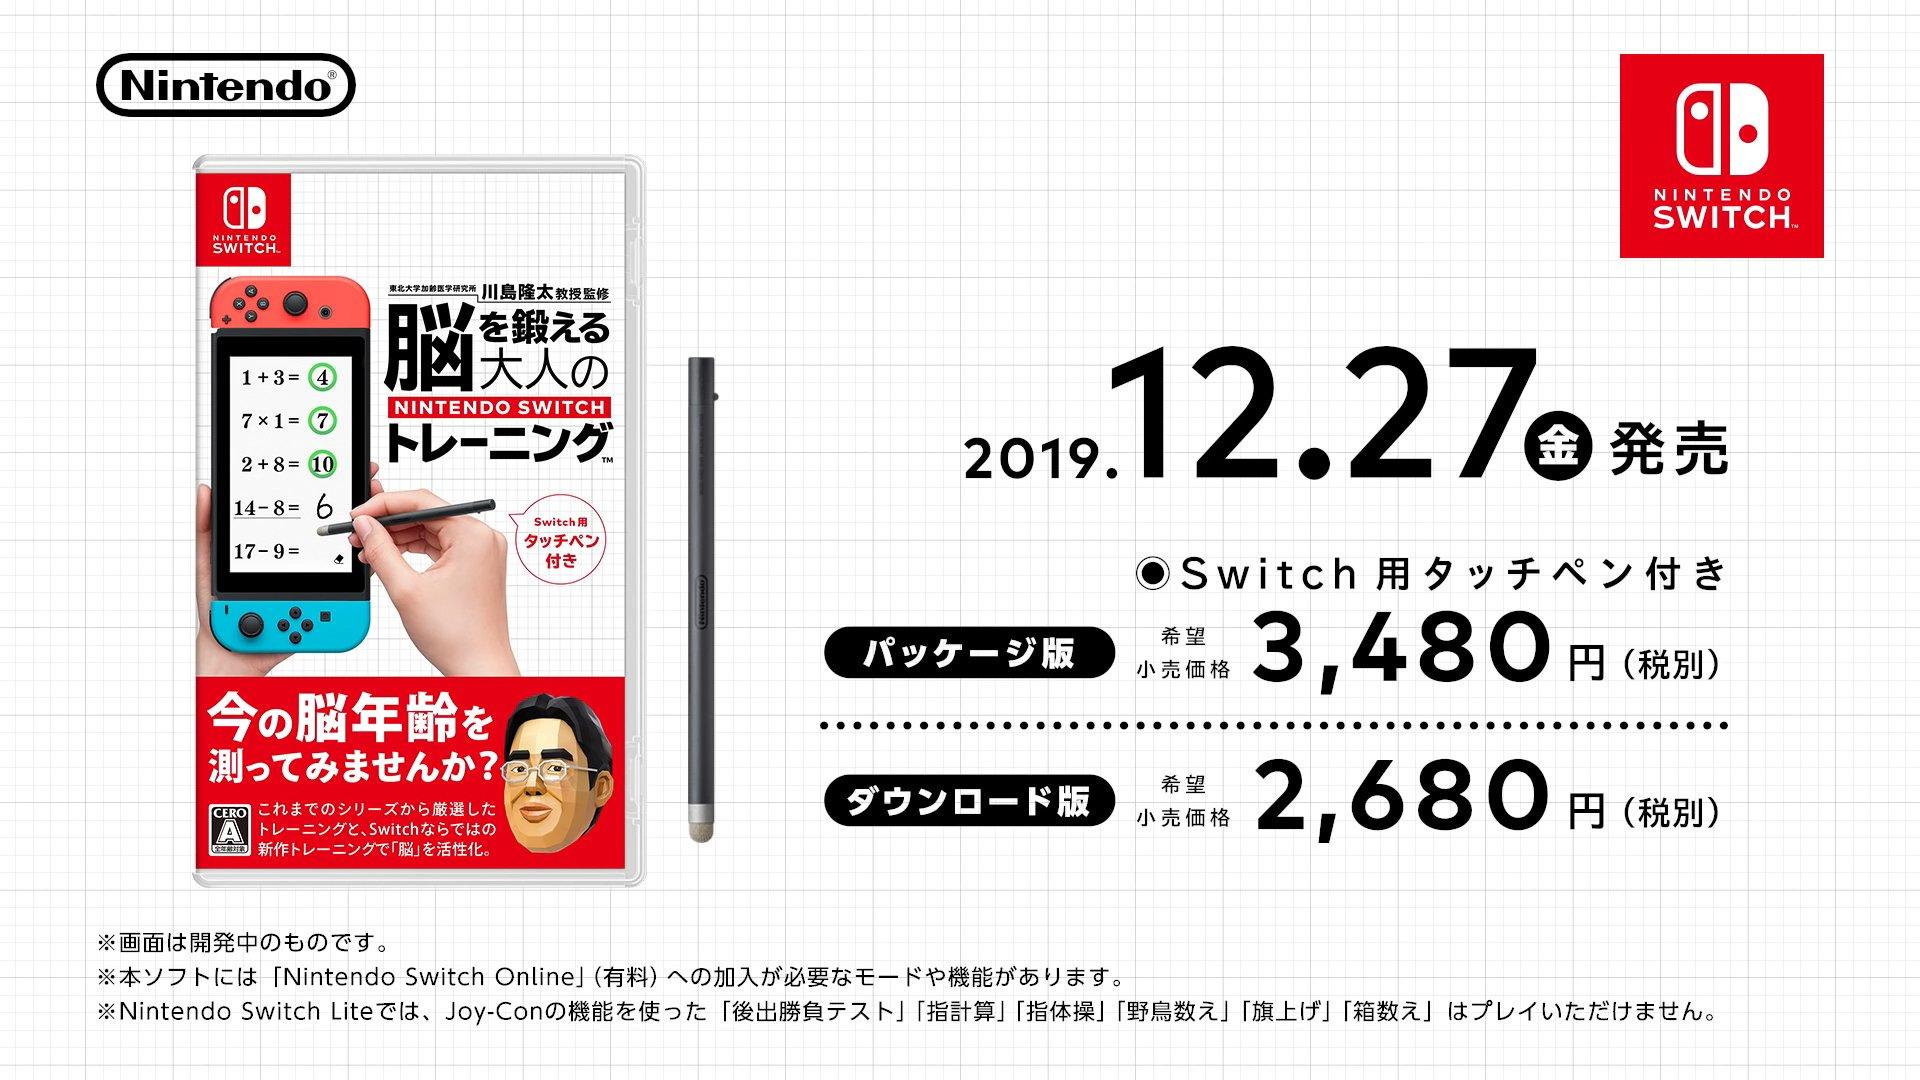 脳を鍛える大人のNintendo Switchトレーニング、12月27日発売決定!!!!!!